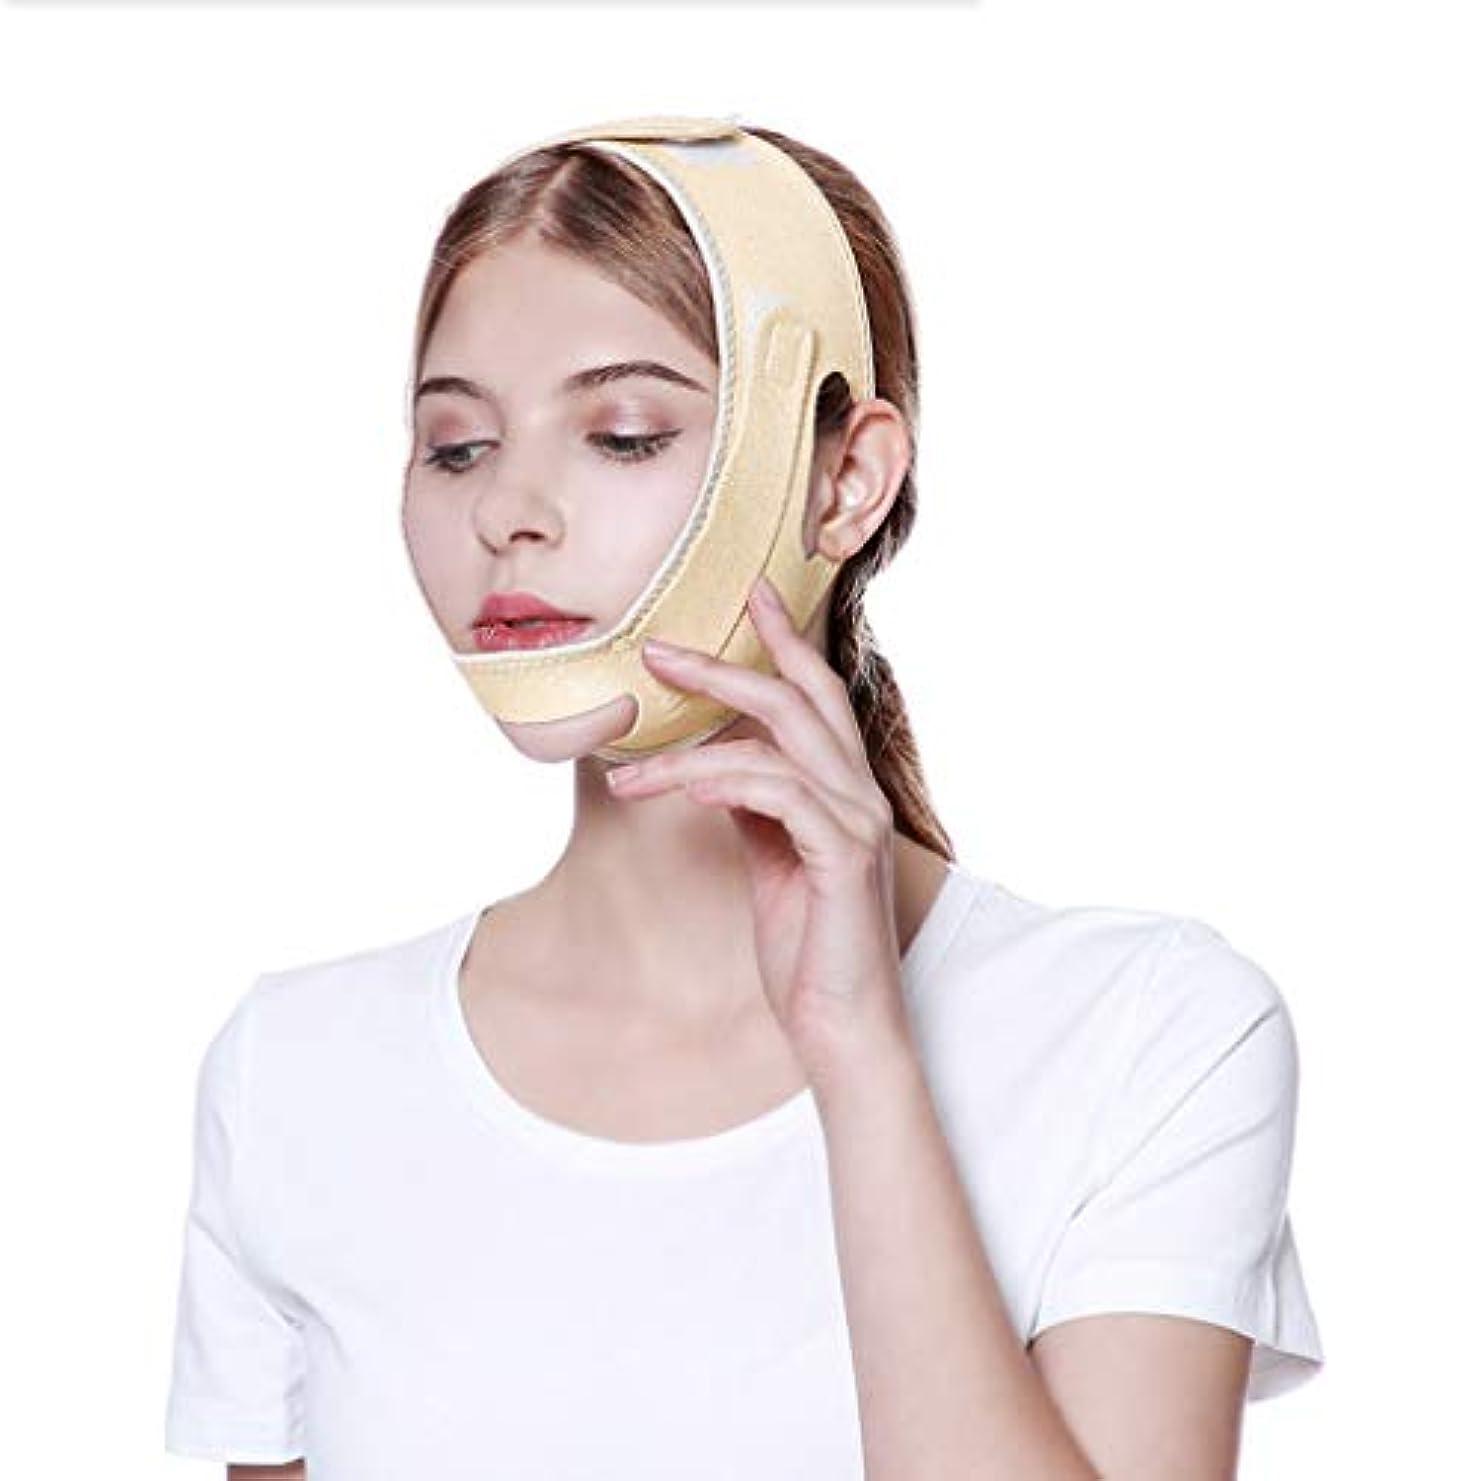 みなすぬるい素晴らしき顔面重量損失顔包帯 v 顔楽器顔ツールマスクライン彫刻手術回復ヘッドギアダブルあご